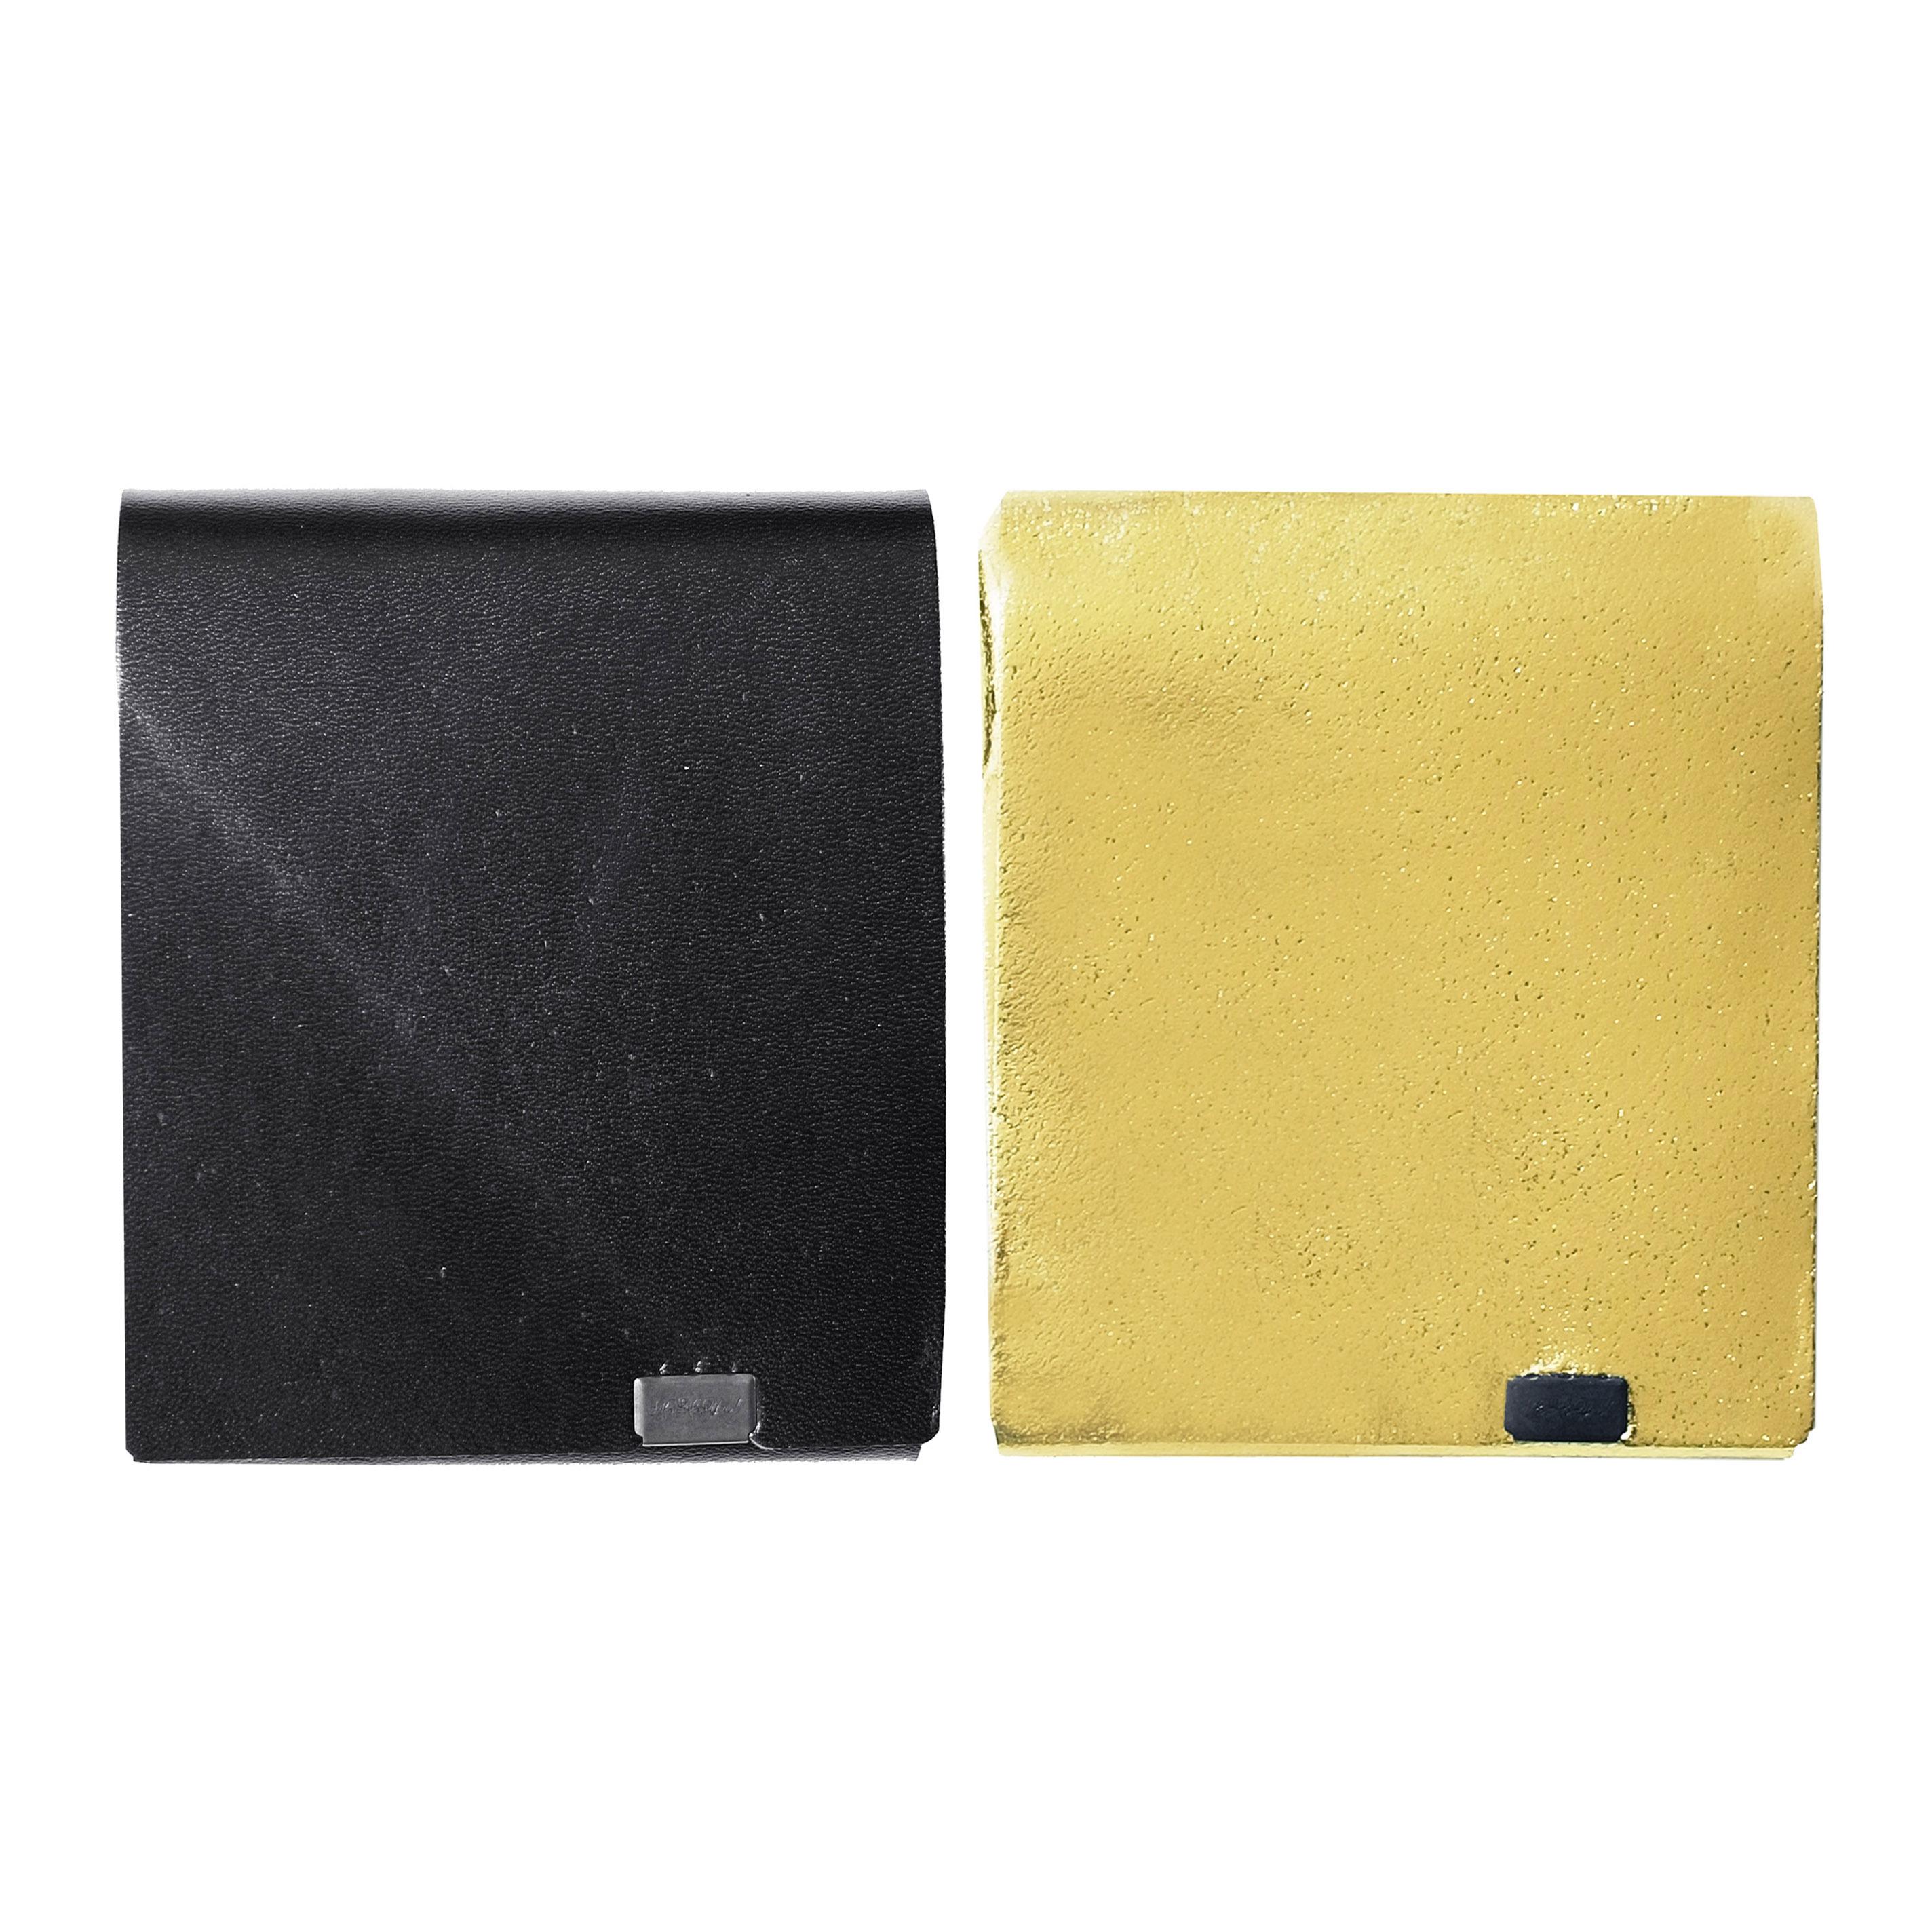 ボレロ -ショートウォレット2.0- ブラック×ゴールド&ゴールド×ブラック